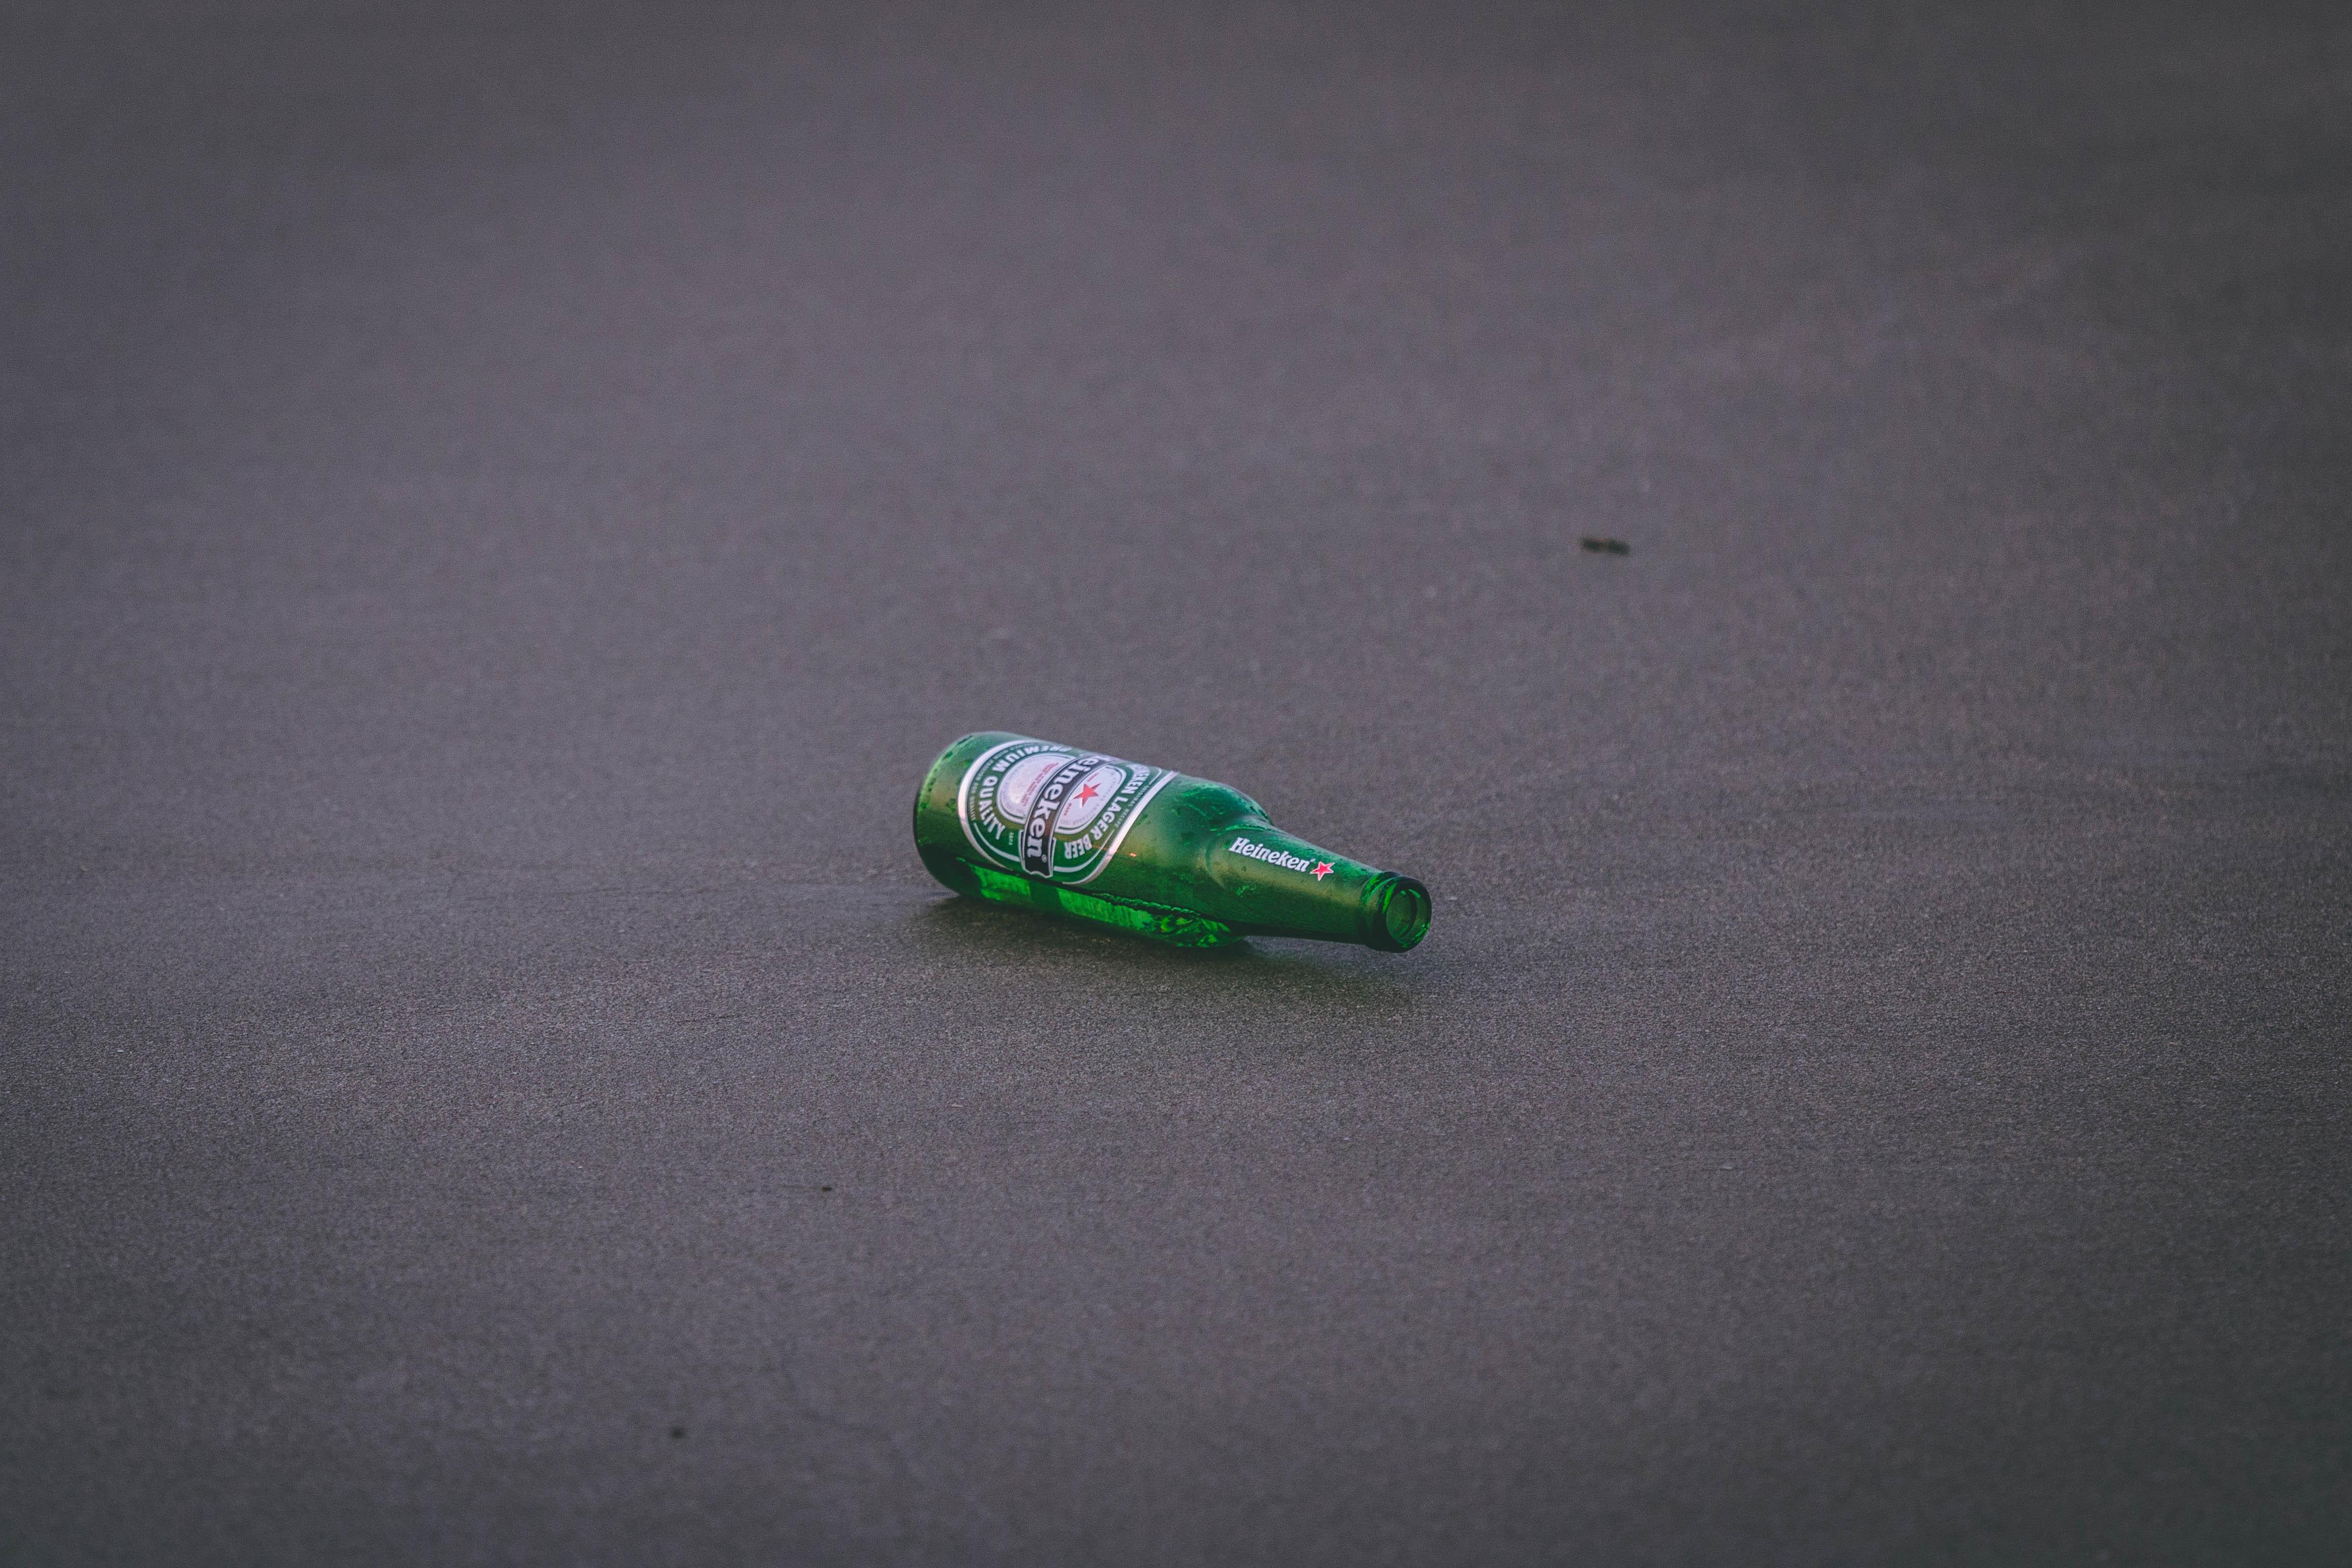 Empty Heineken Bottle on Ground, Alcohol, Ground, Street, Still life, HQ Photo